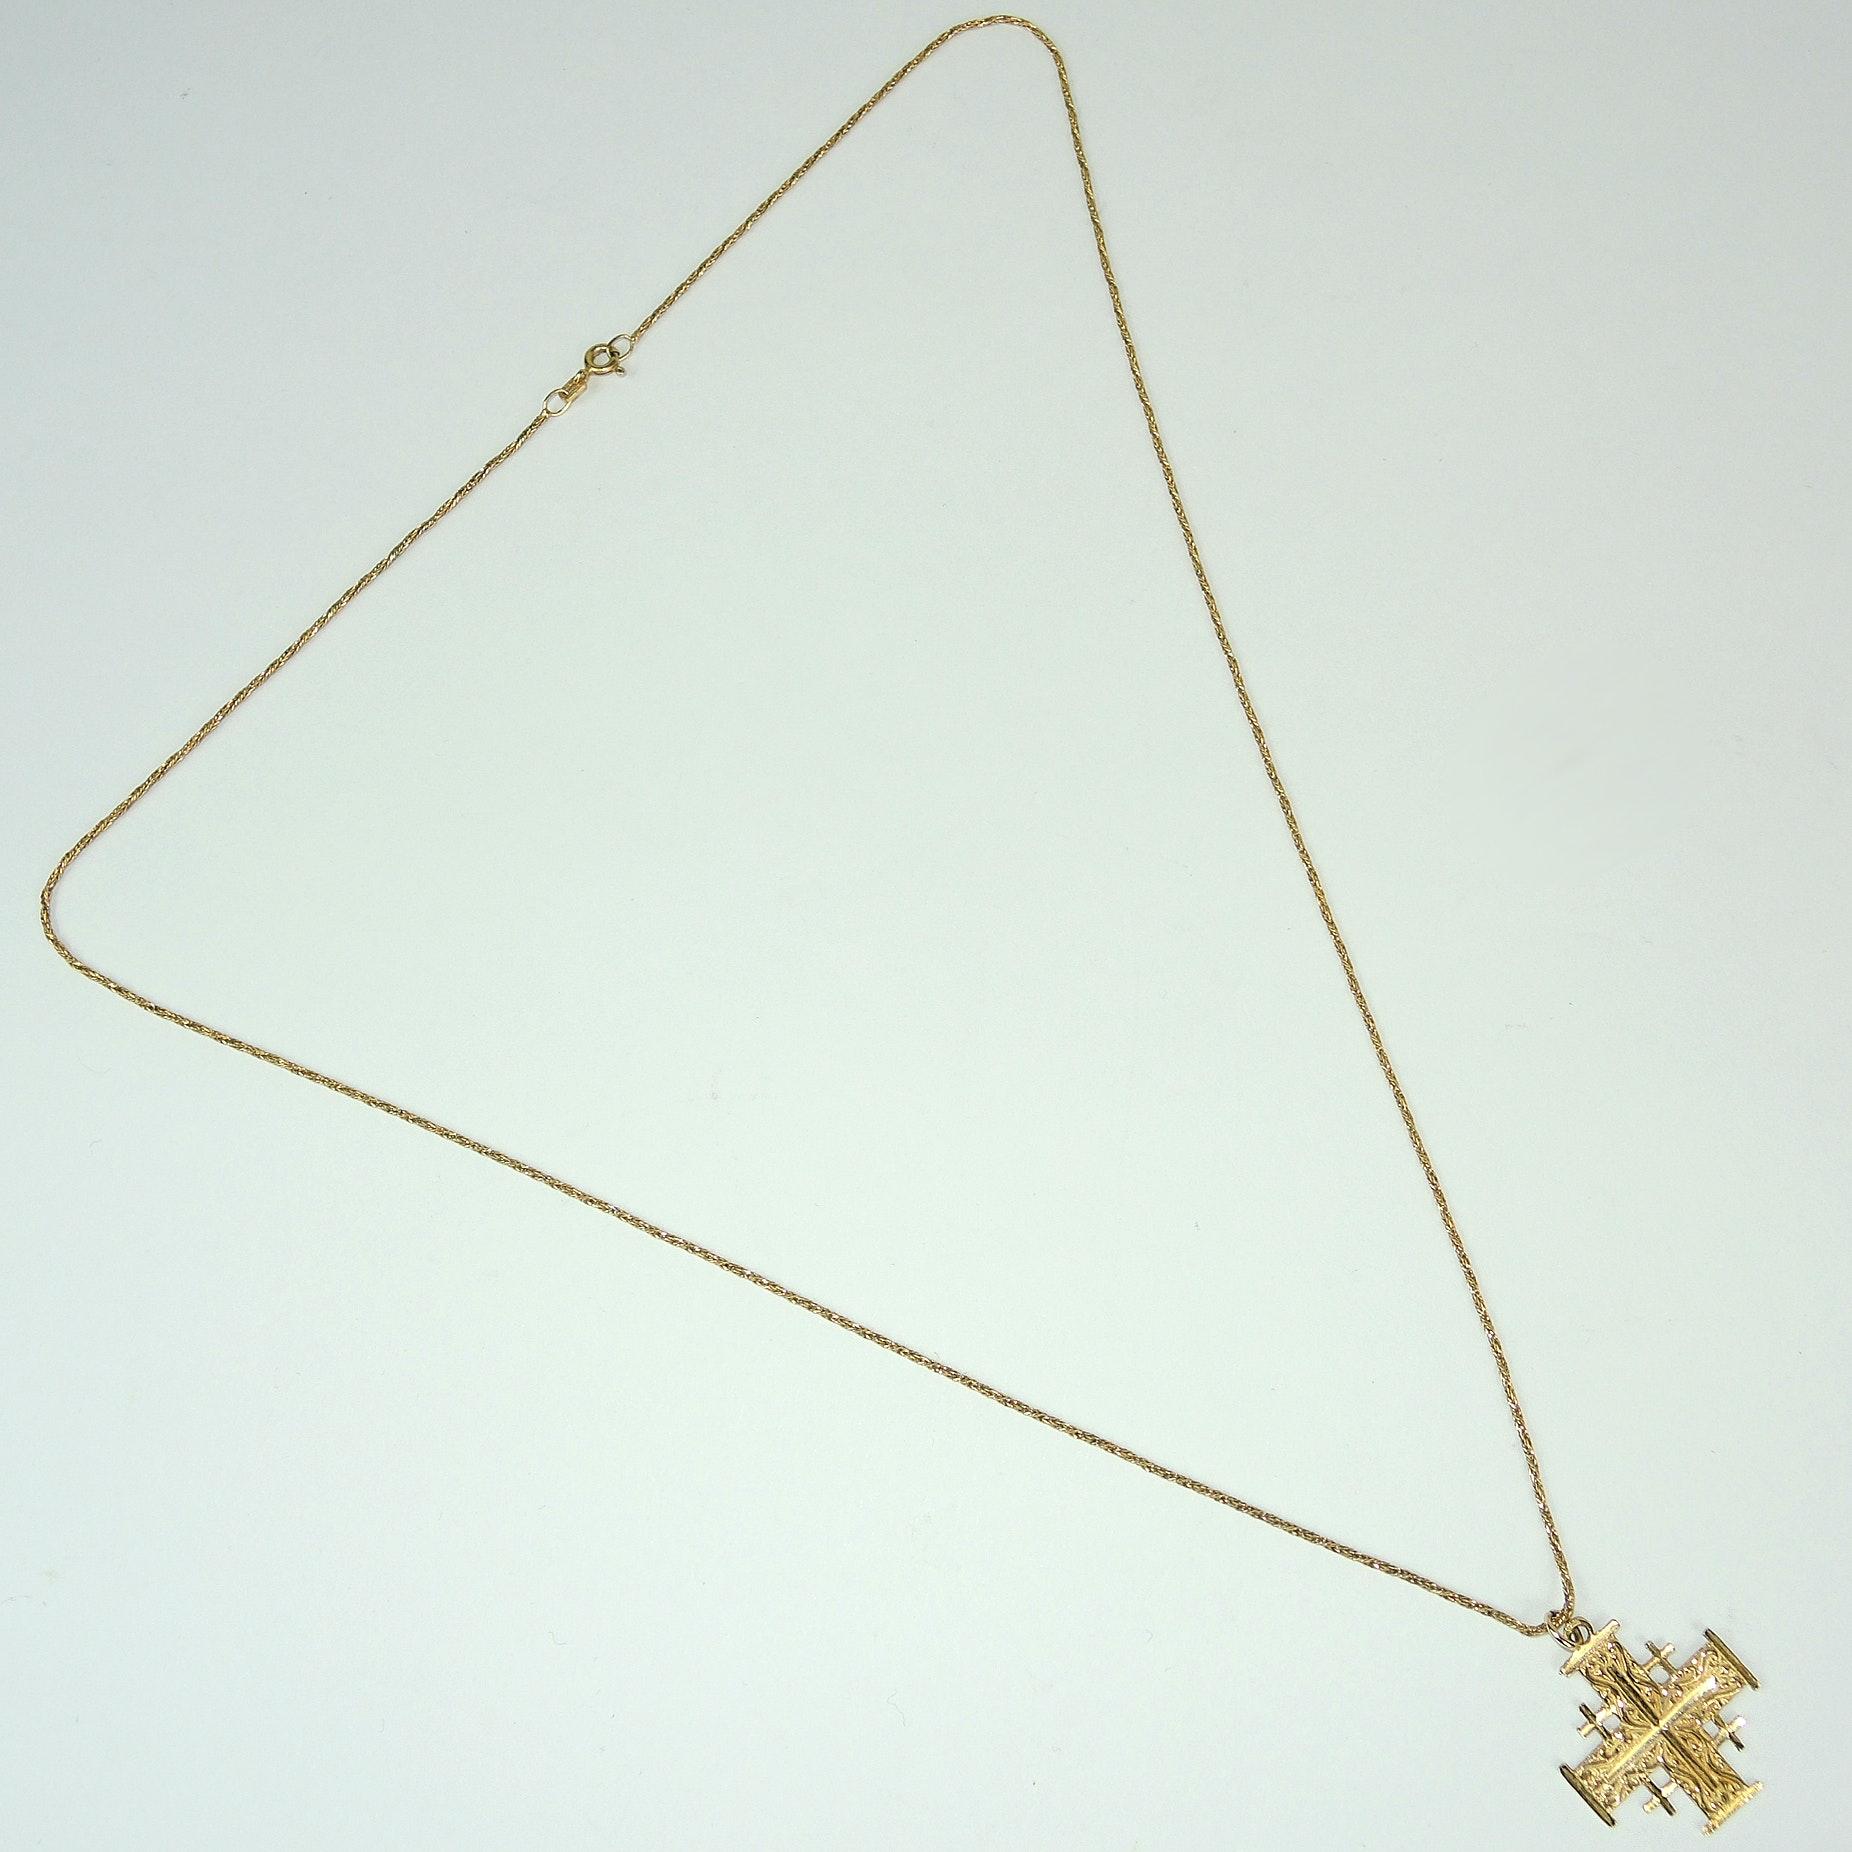 18K Chain Necklace with 14K Jerusalem Cross Pendant